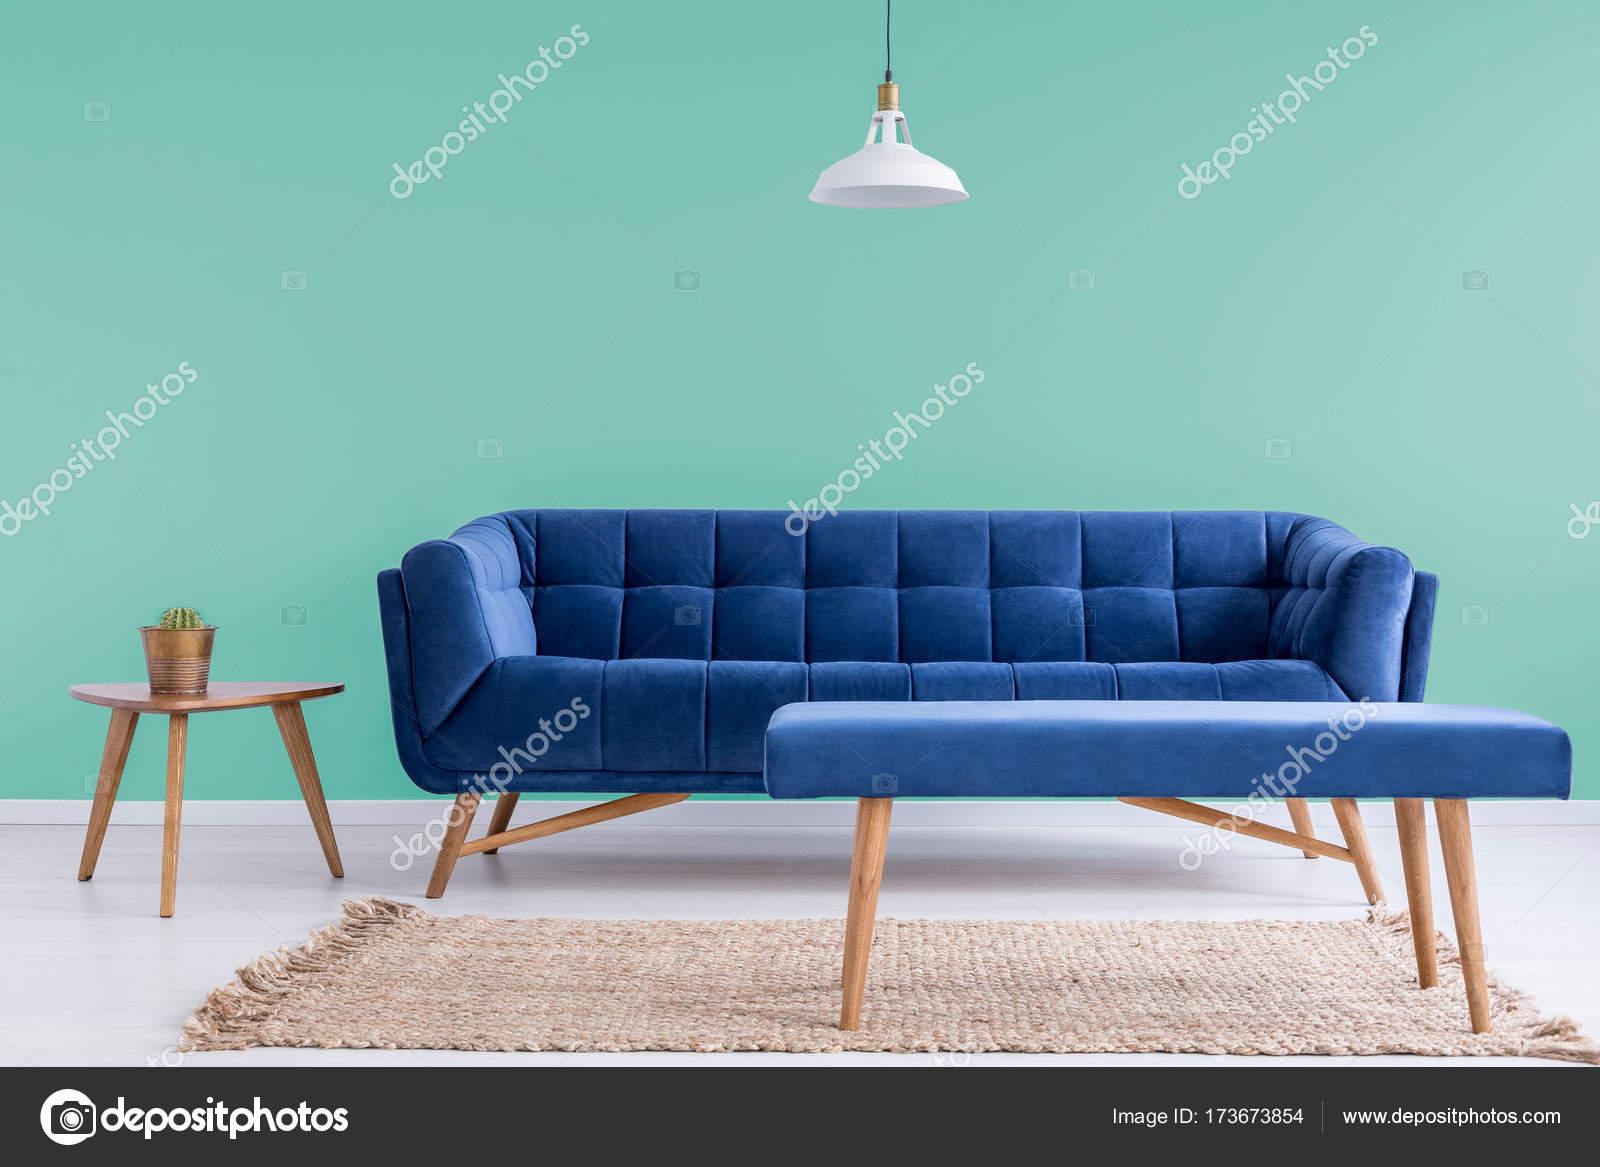 Blaue Couch Im Wartezimmer Stockfoto C Photographee Eu 173673854